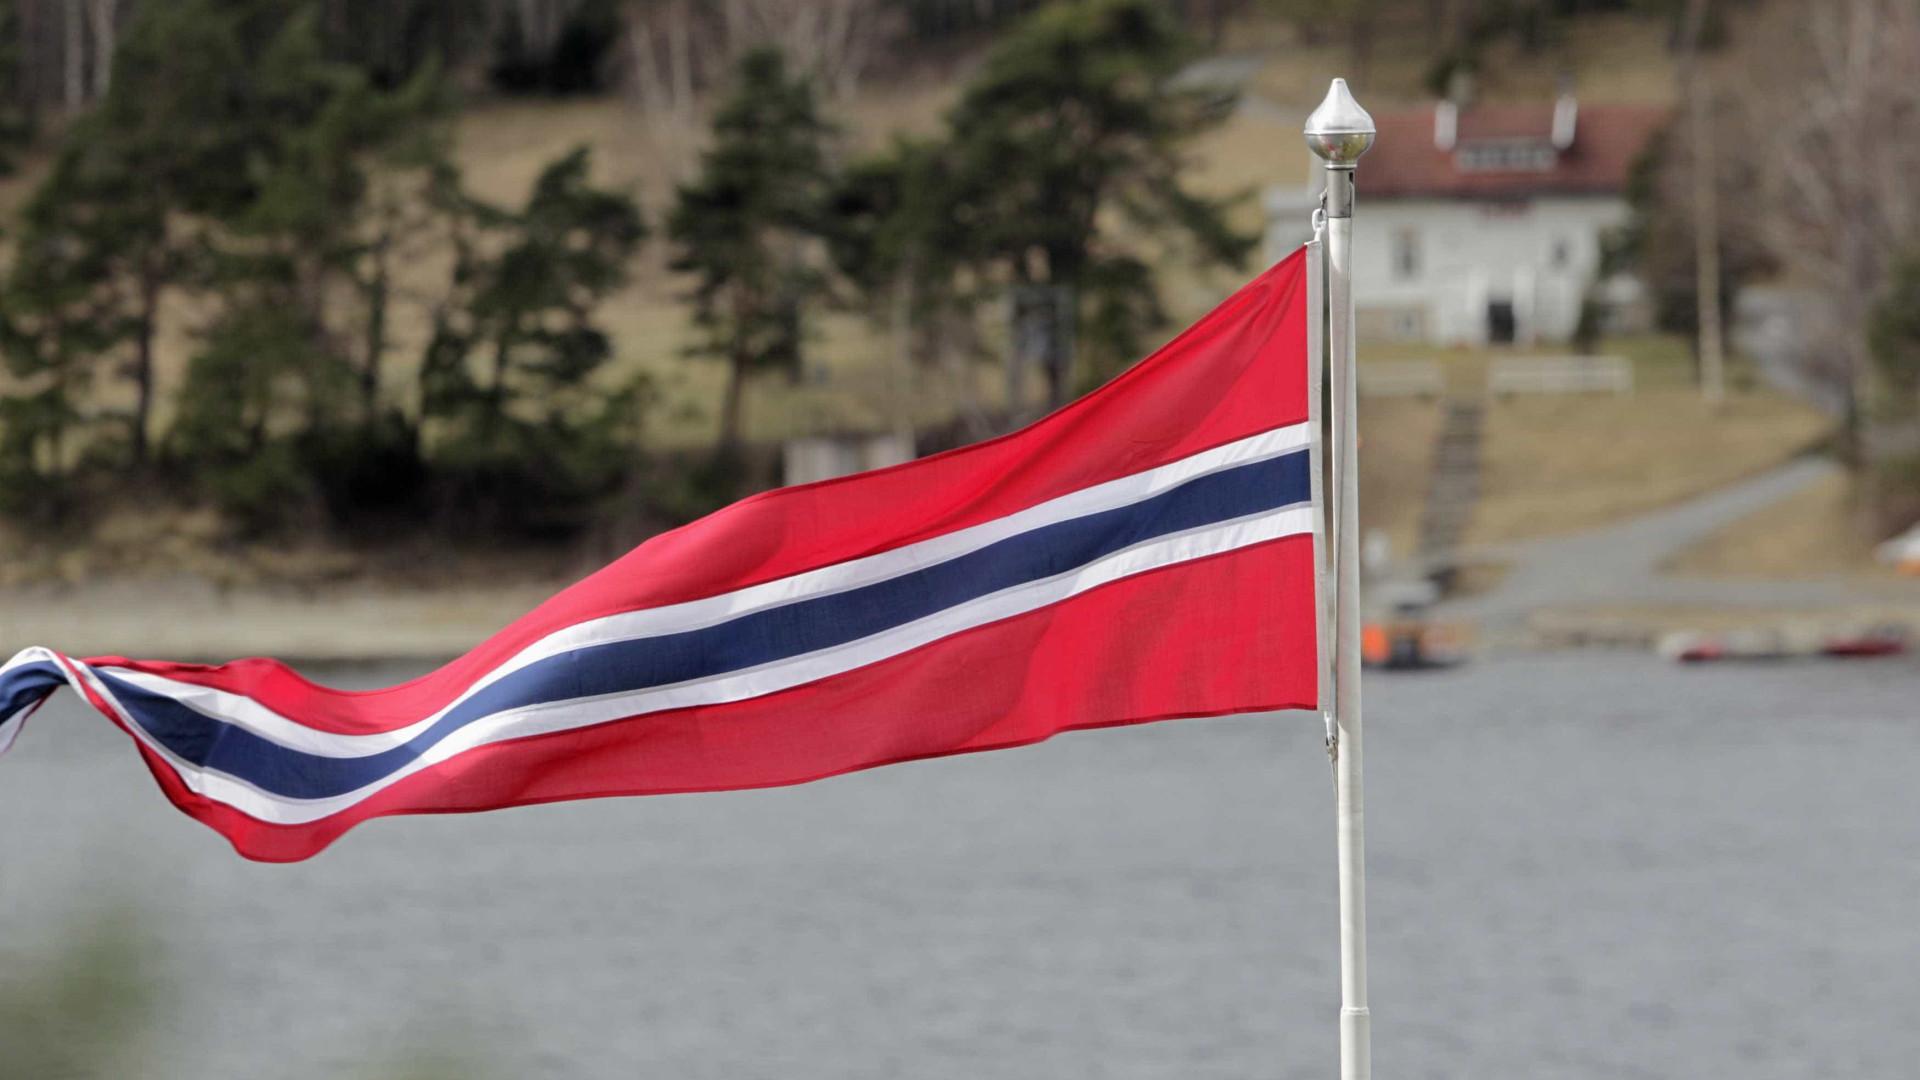 Fundo de investimento soberano da Noruega alcança um bilião de dólares